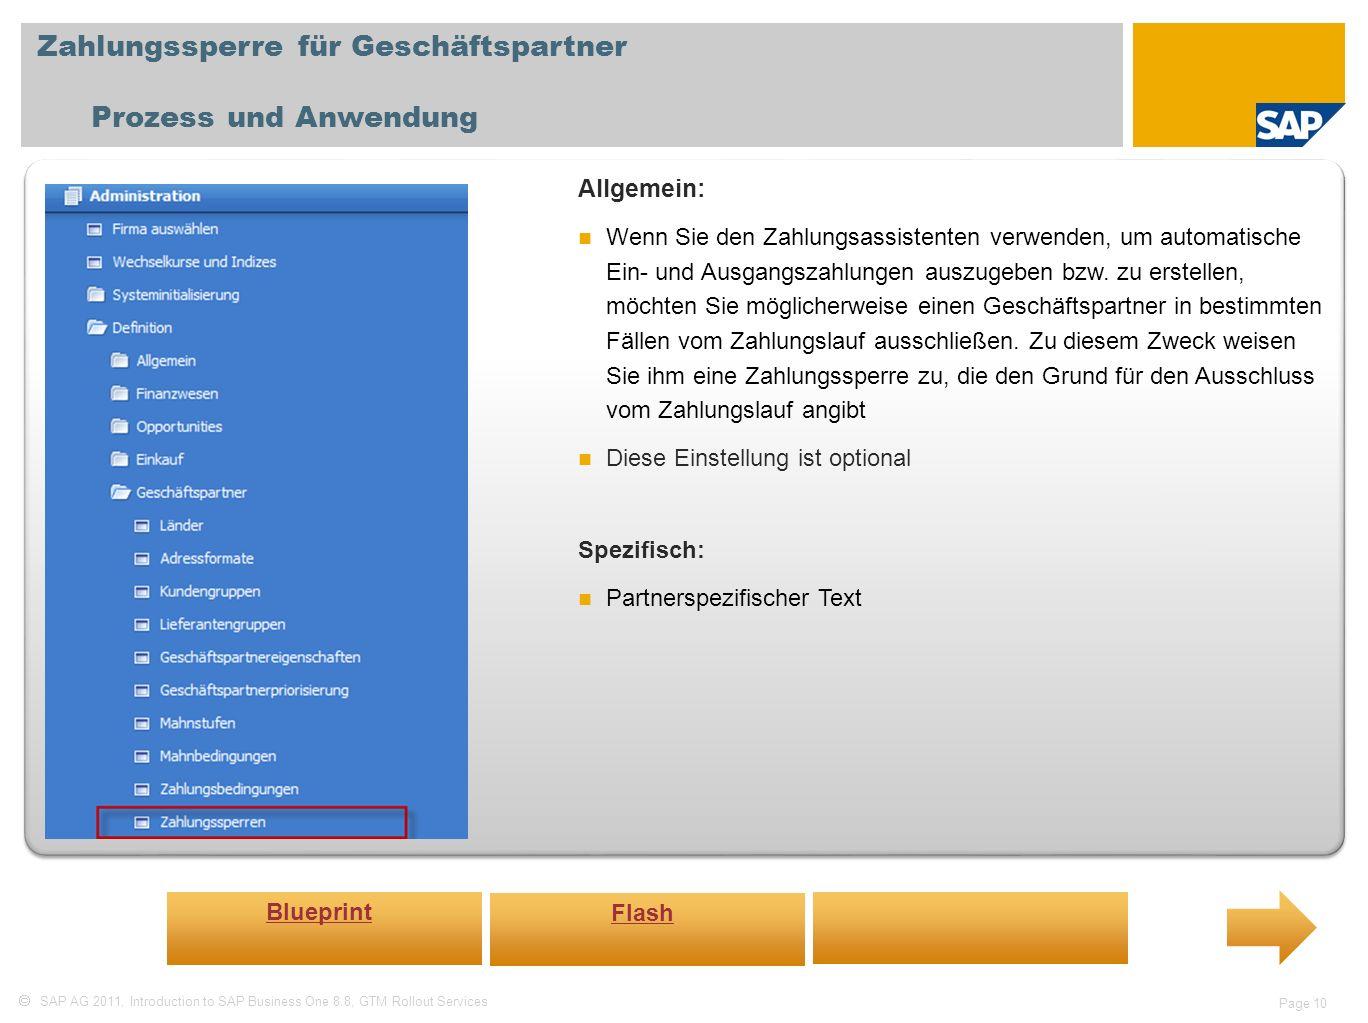 Zahlungssperre für Geschäftspartner Prozess und Anwendung